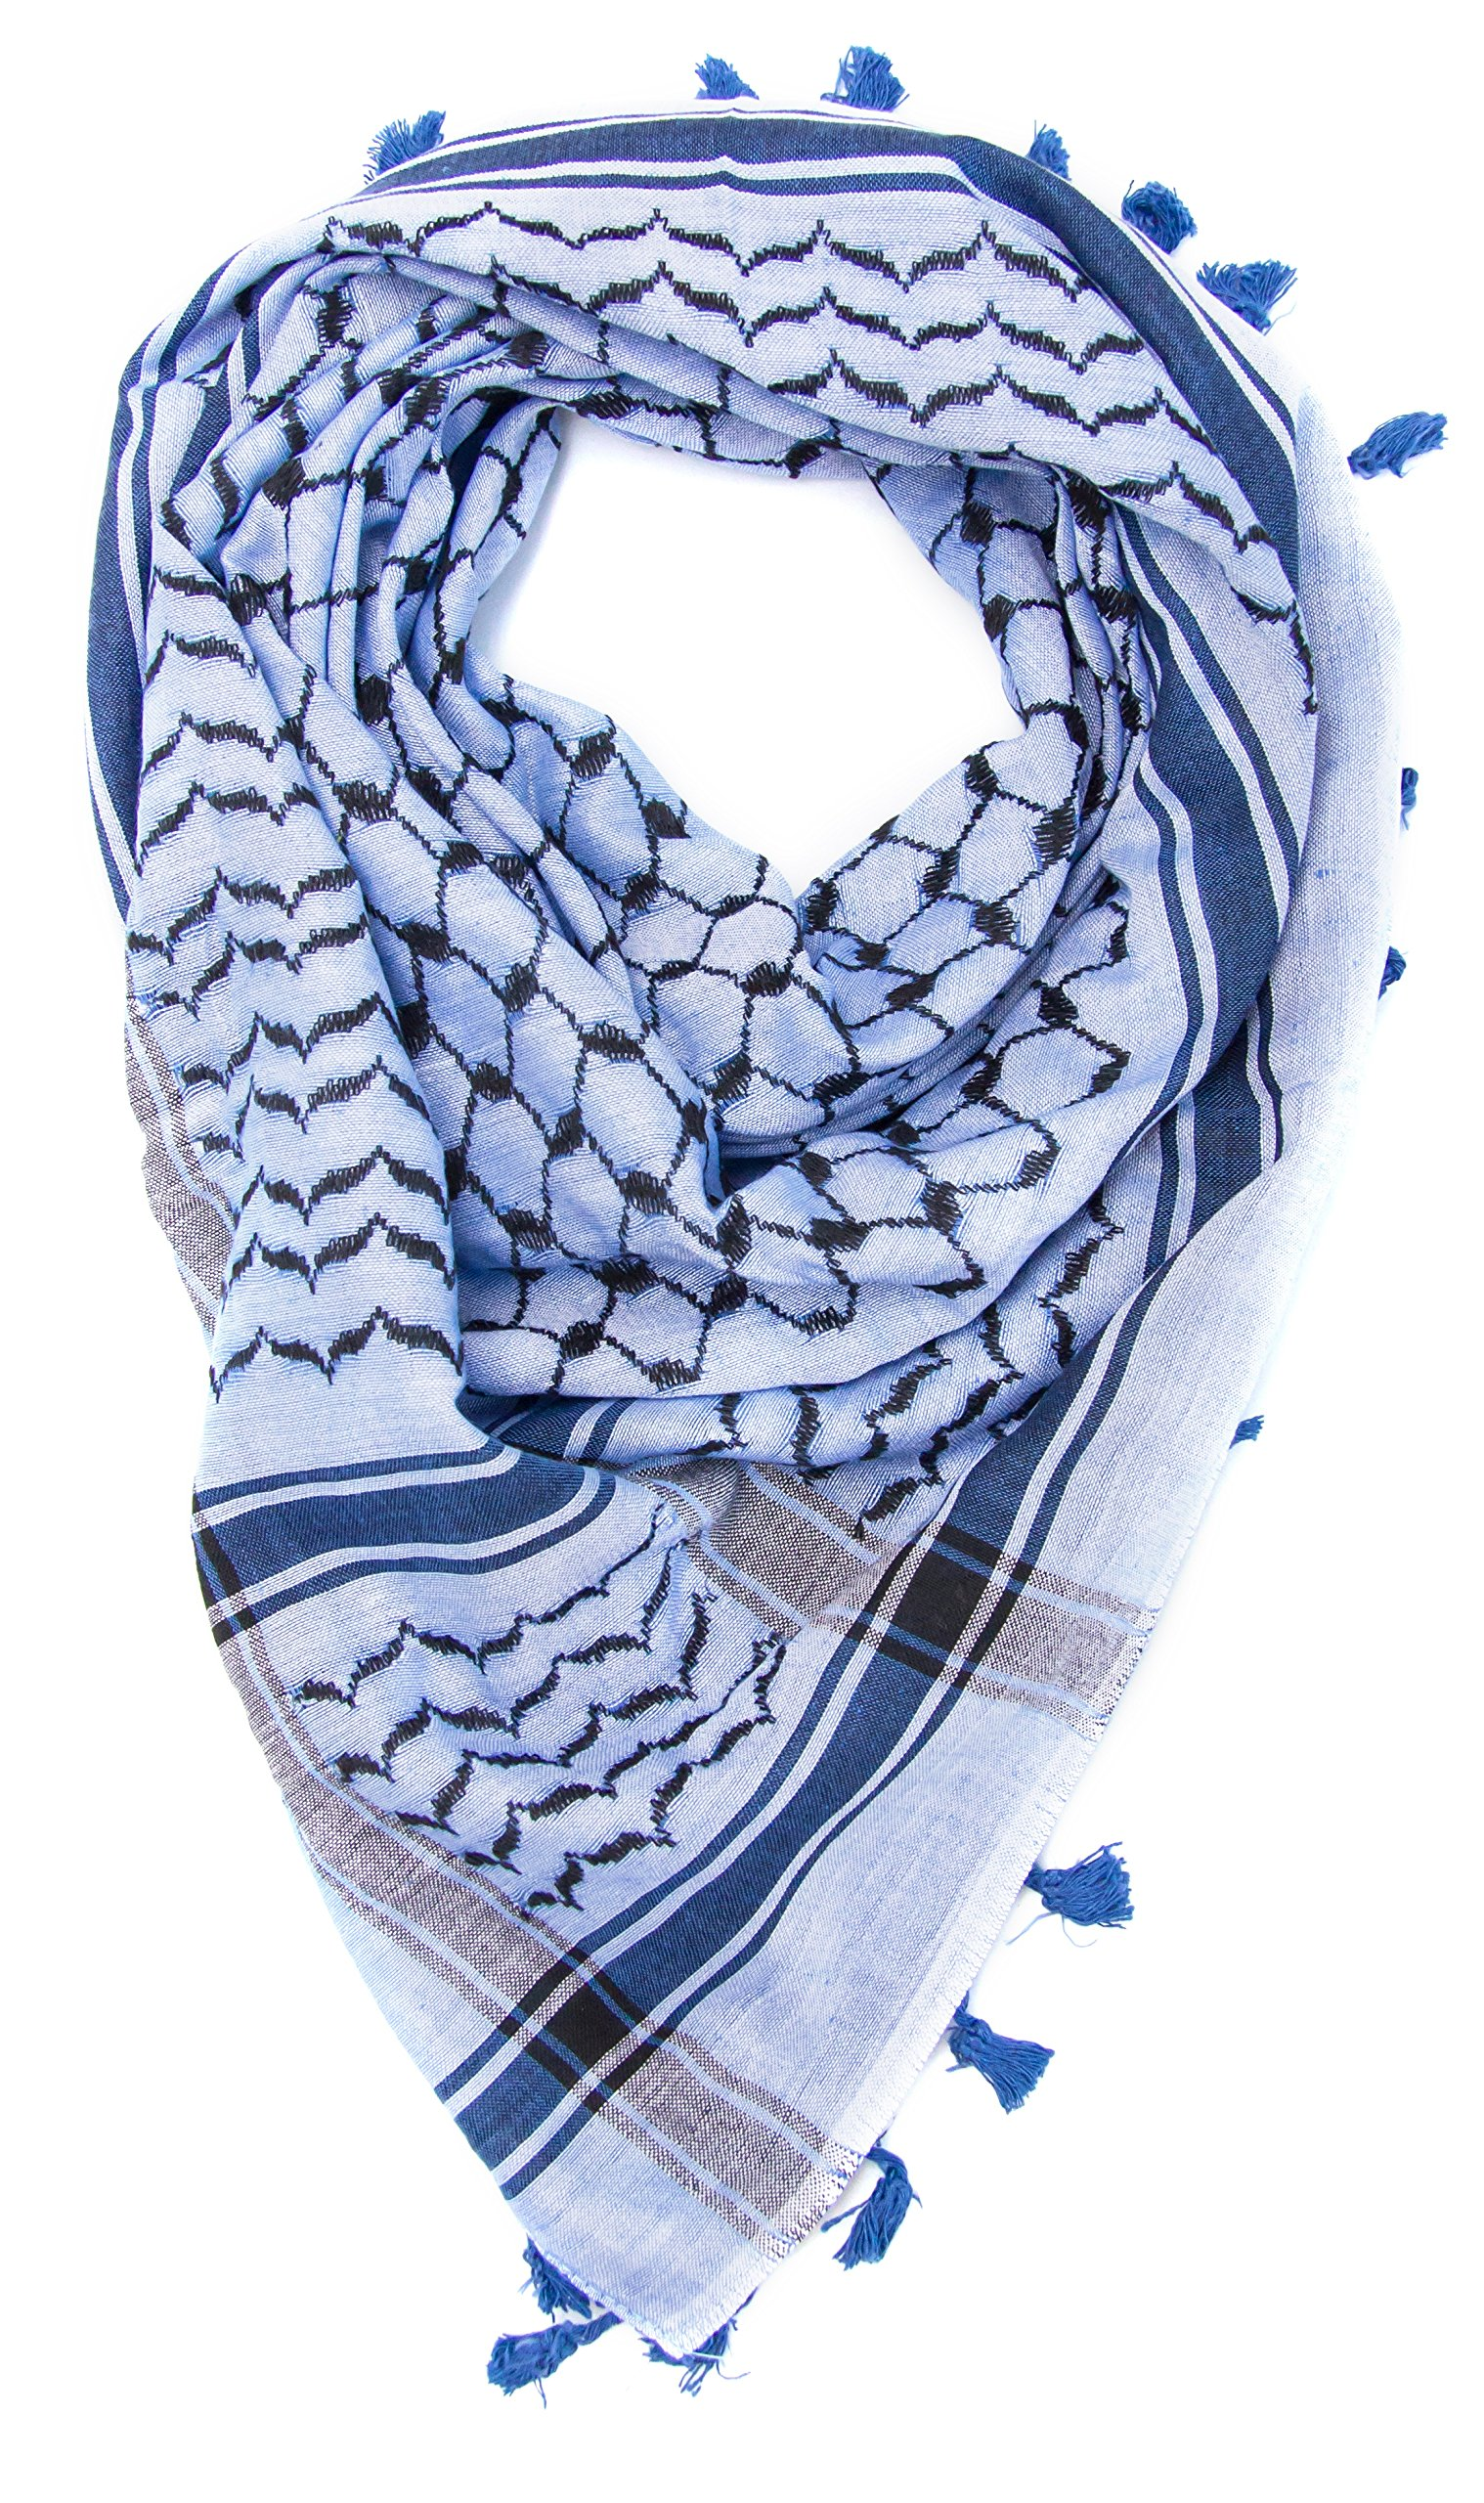 Hirbawi Premium Arabic Scarf 100% Cotton Shemagh Keffiyeh 47''x47'' Arab Scarf (Traditional Blue)